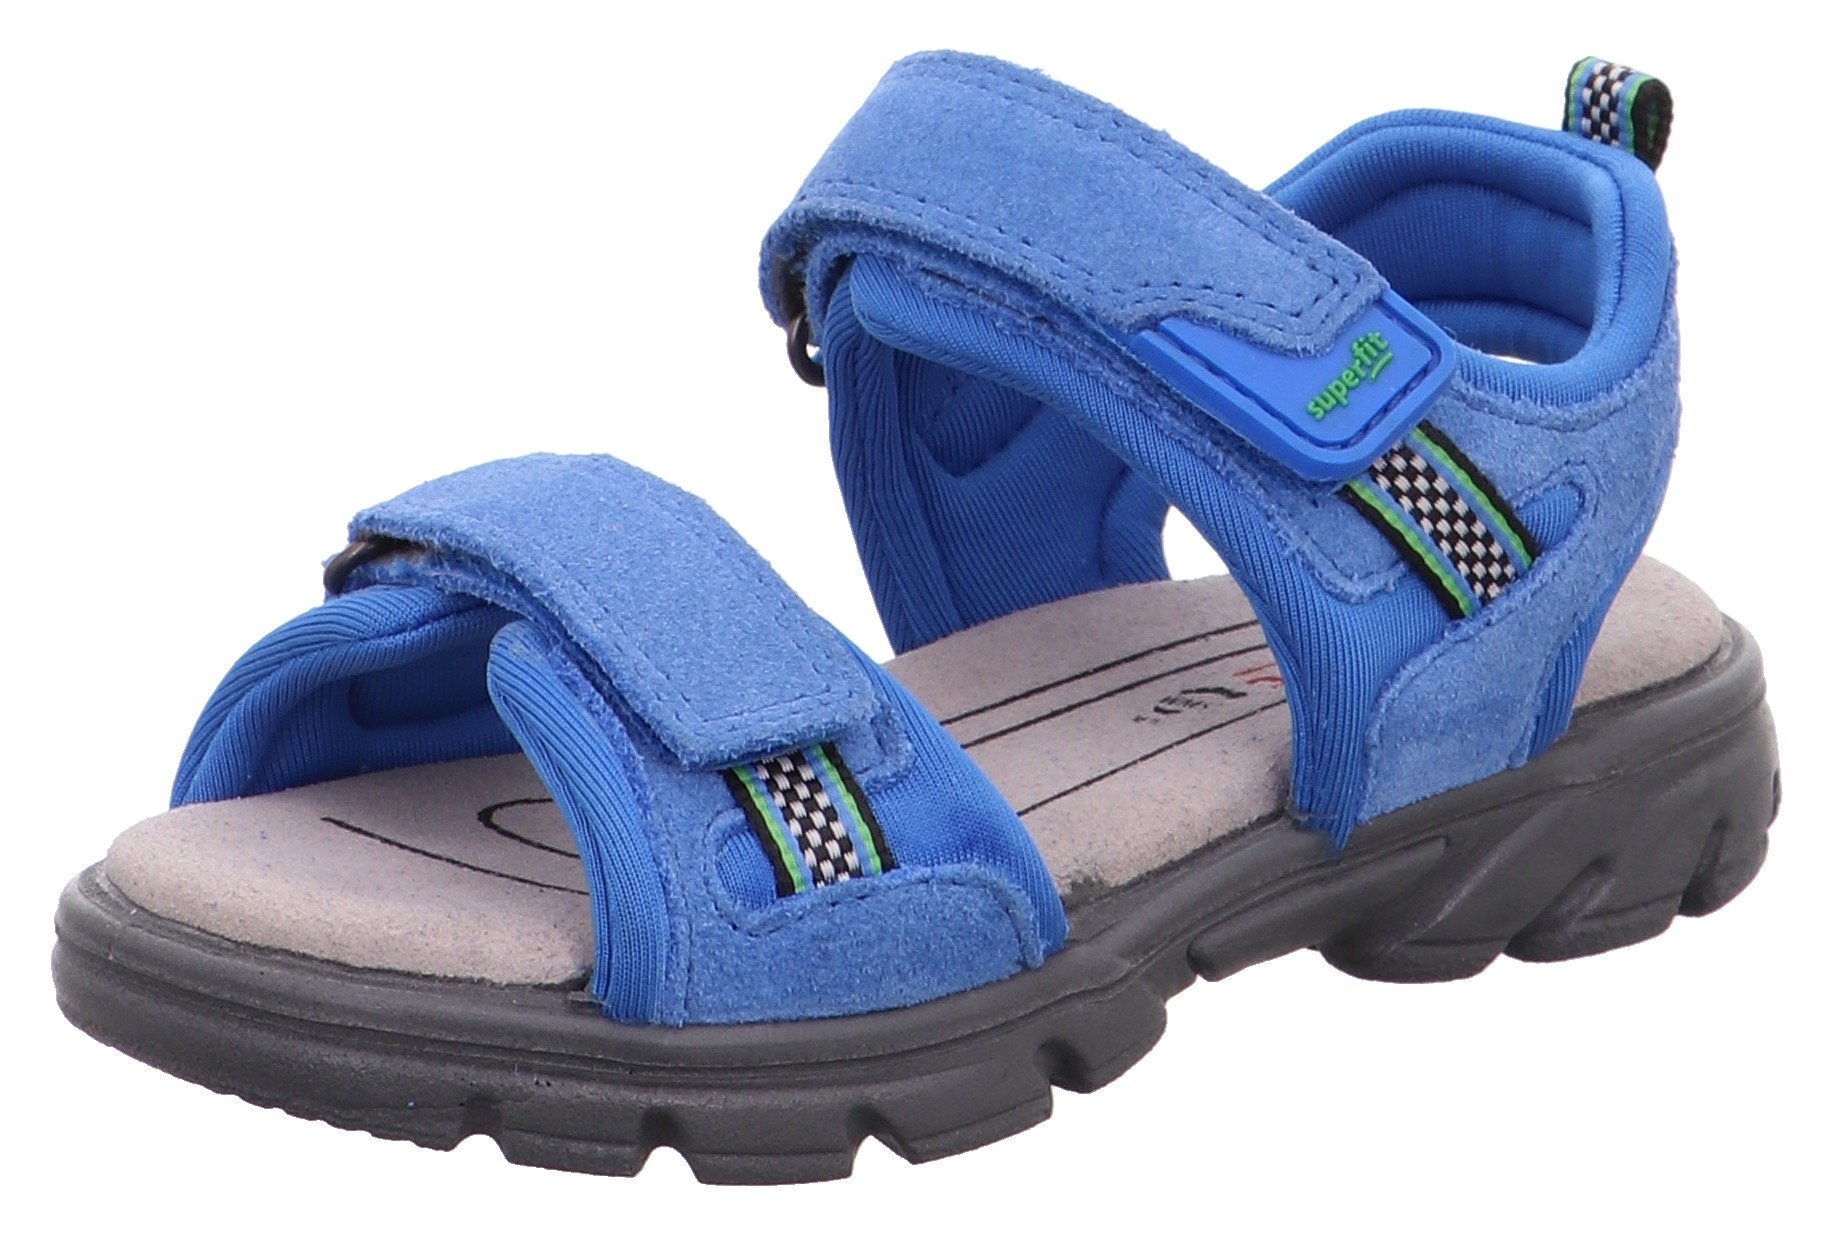 Superfit sandalen Scorpius WMS wijdtemaatsysteem: middel met klittenbandsluiting bestellen: 30 dagen bedenktijd